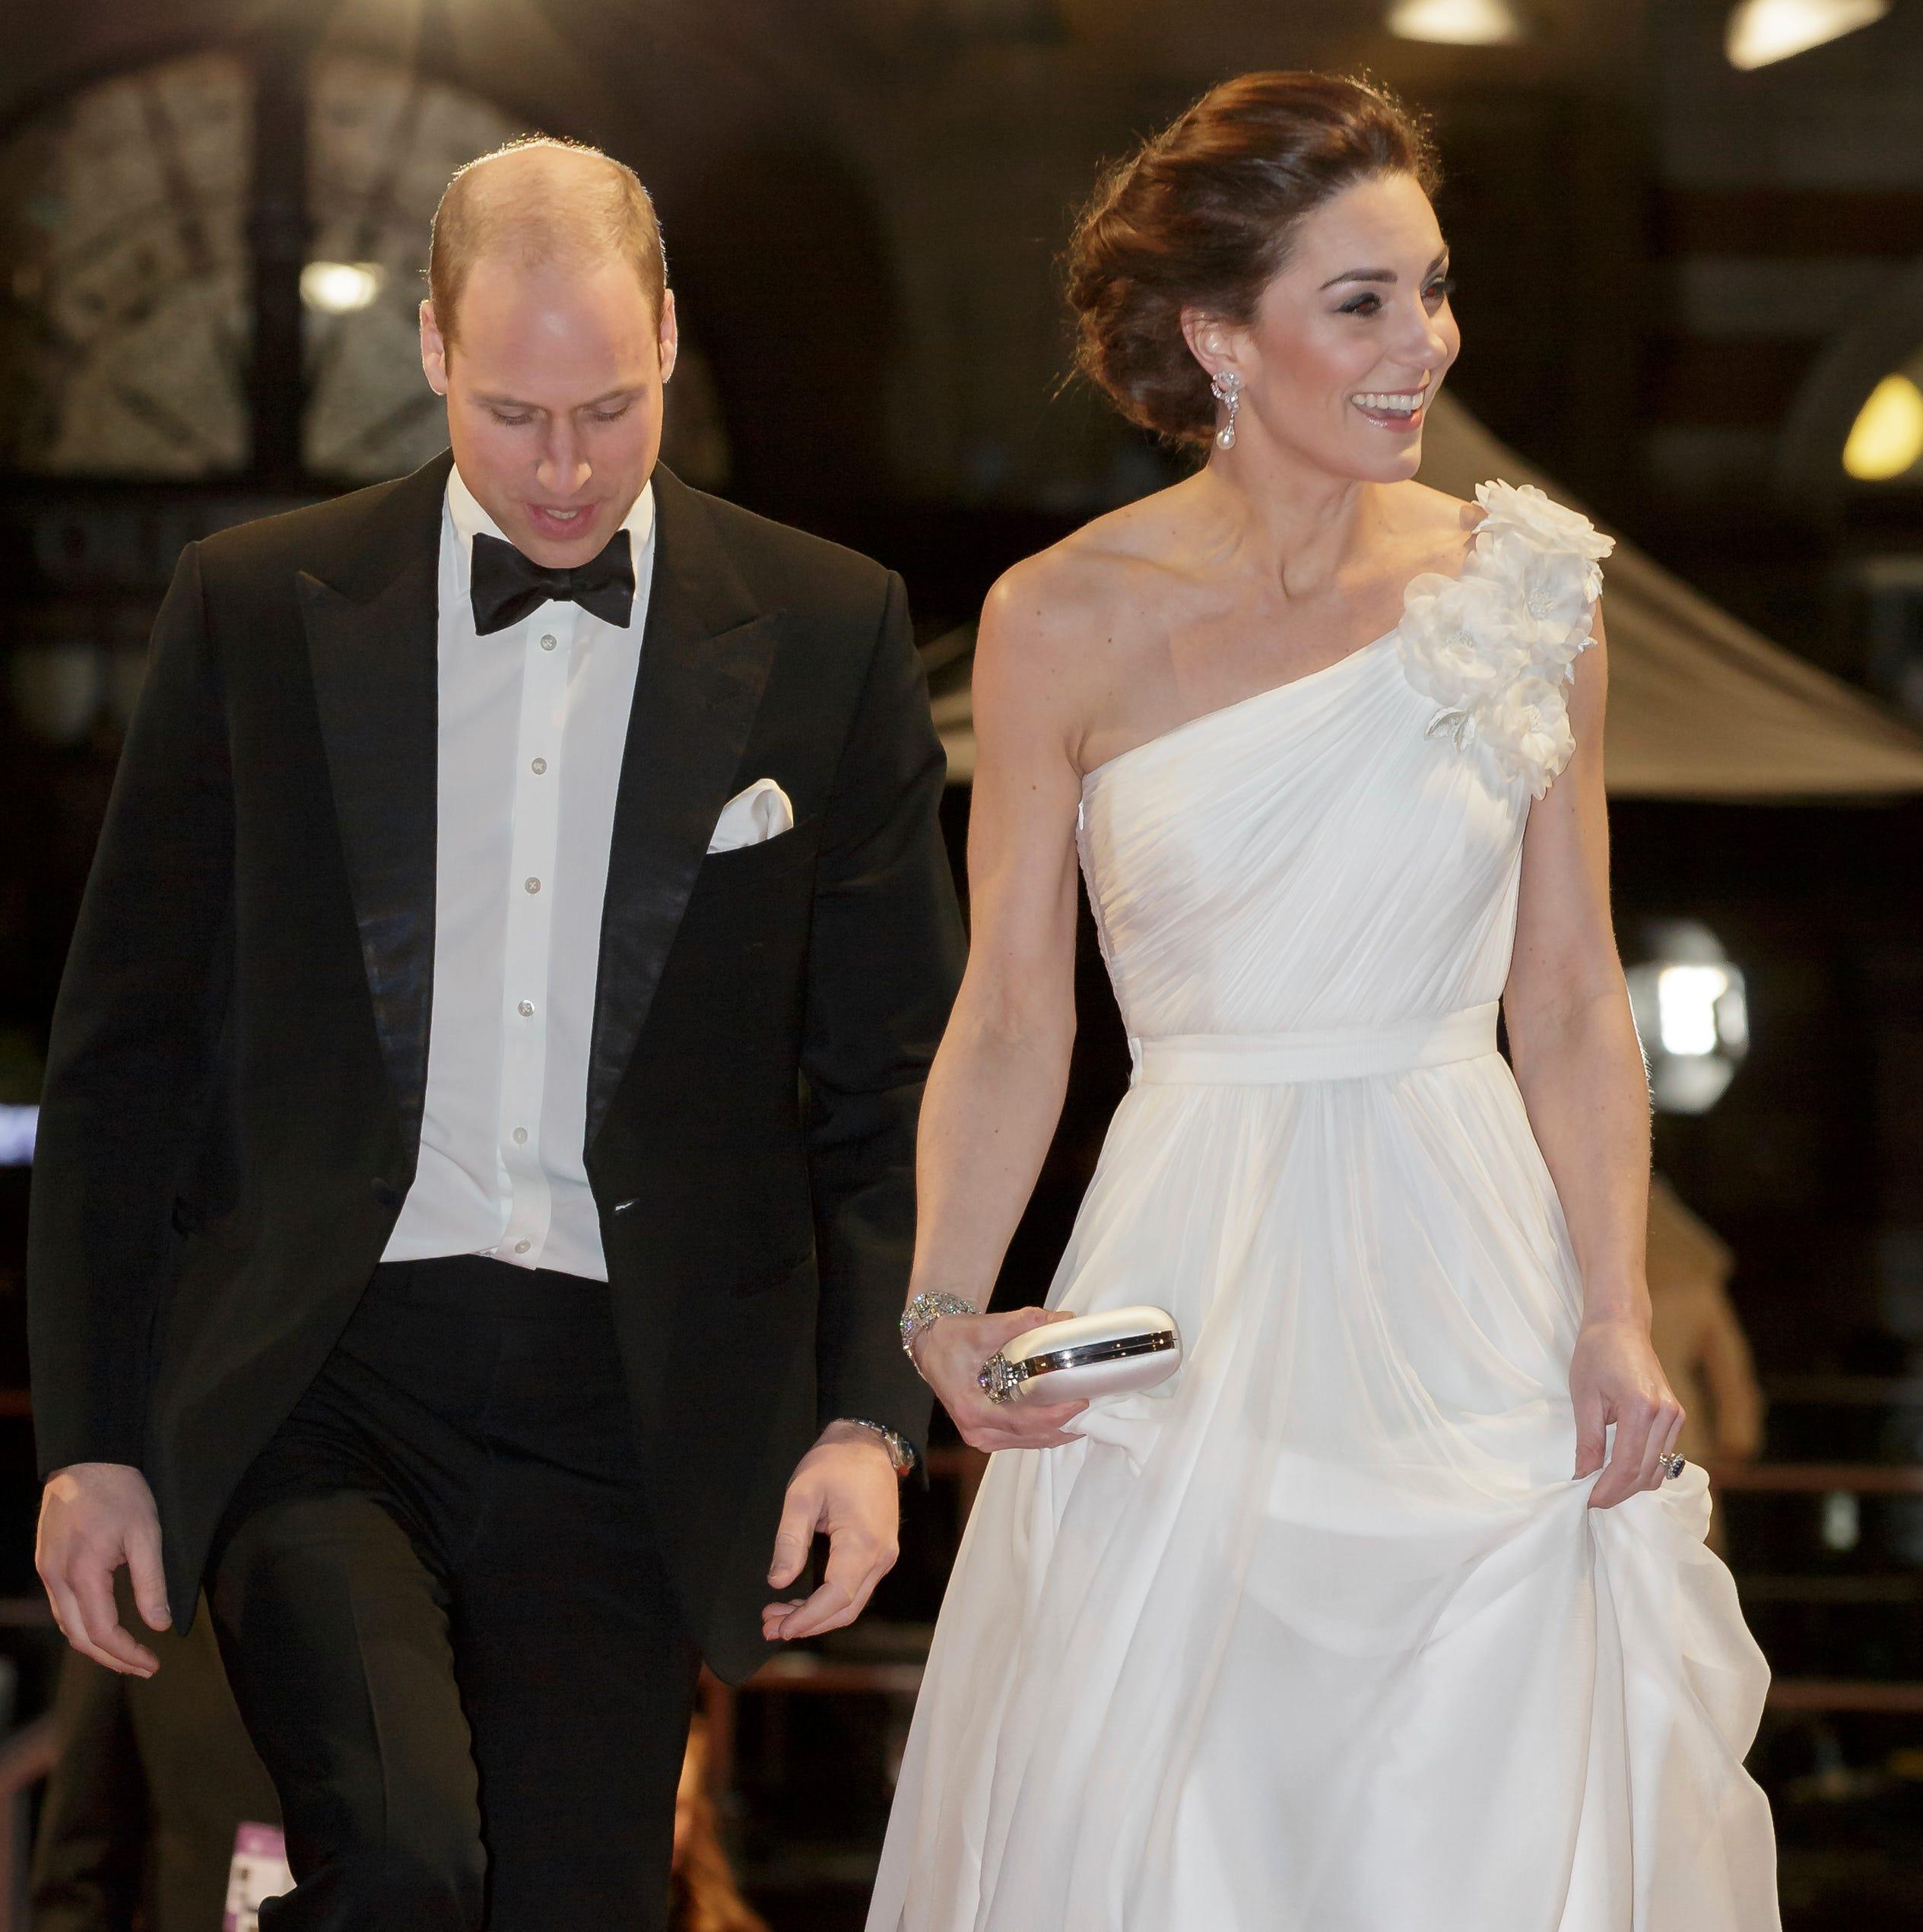 Amenazan abogados del Príncipe Guillermoa mediospor publicar supuesta infidelidad